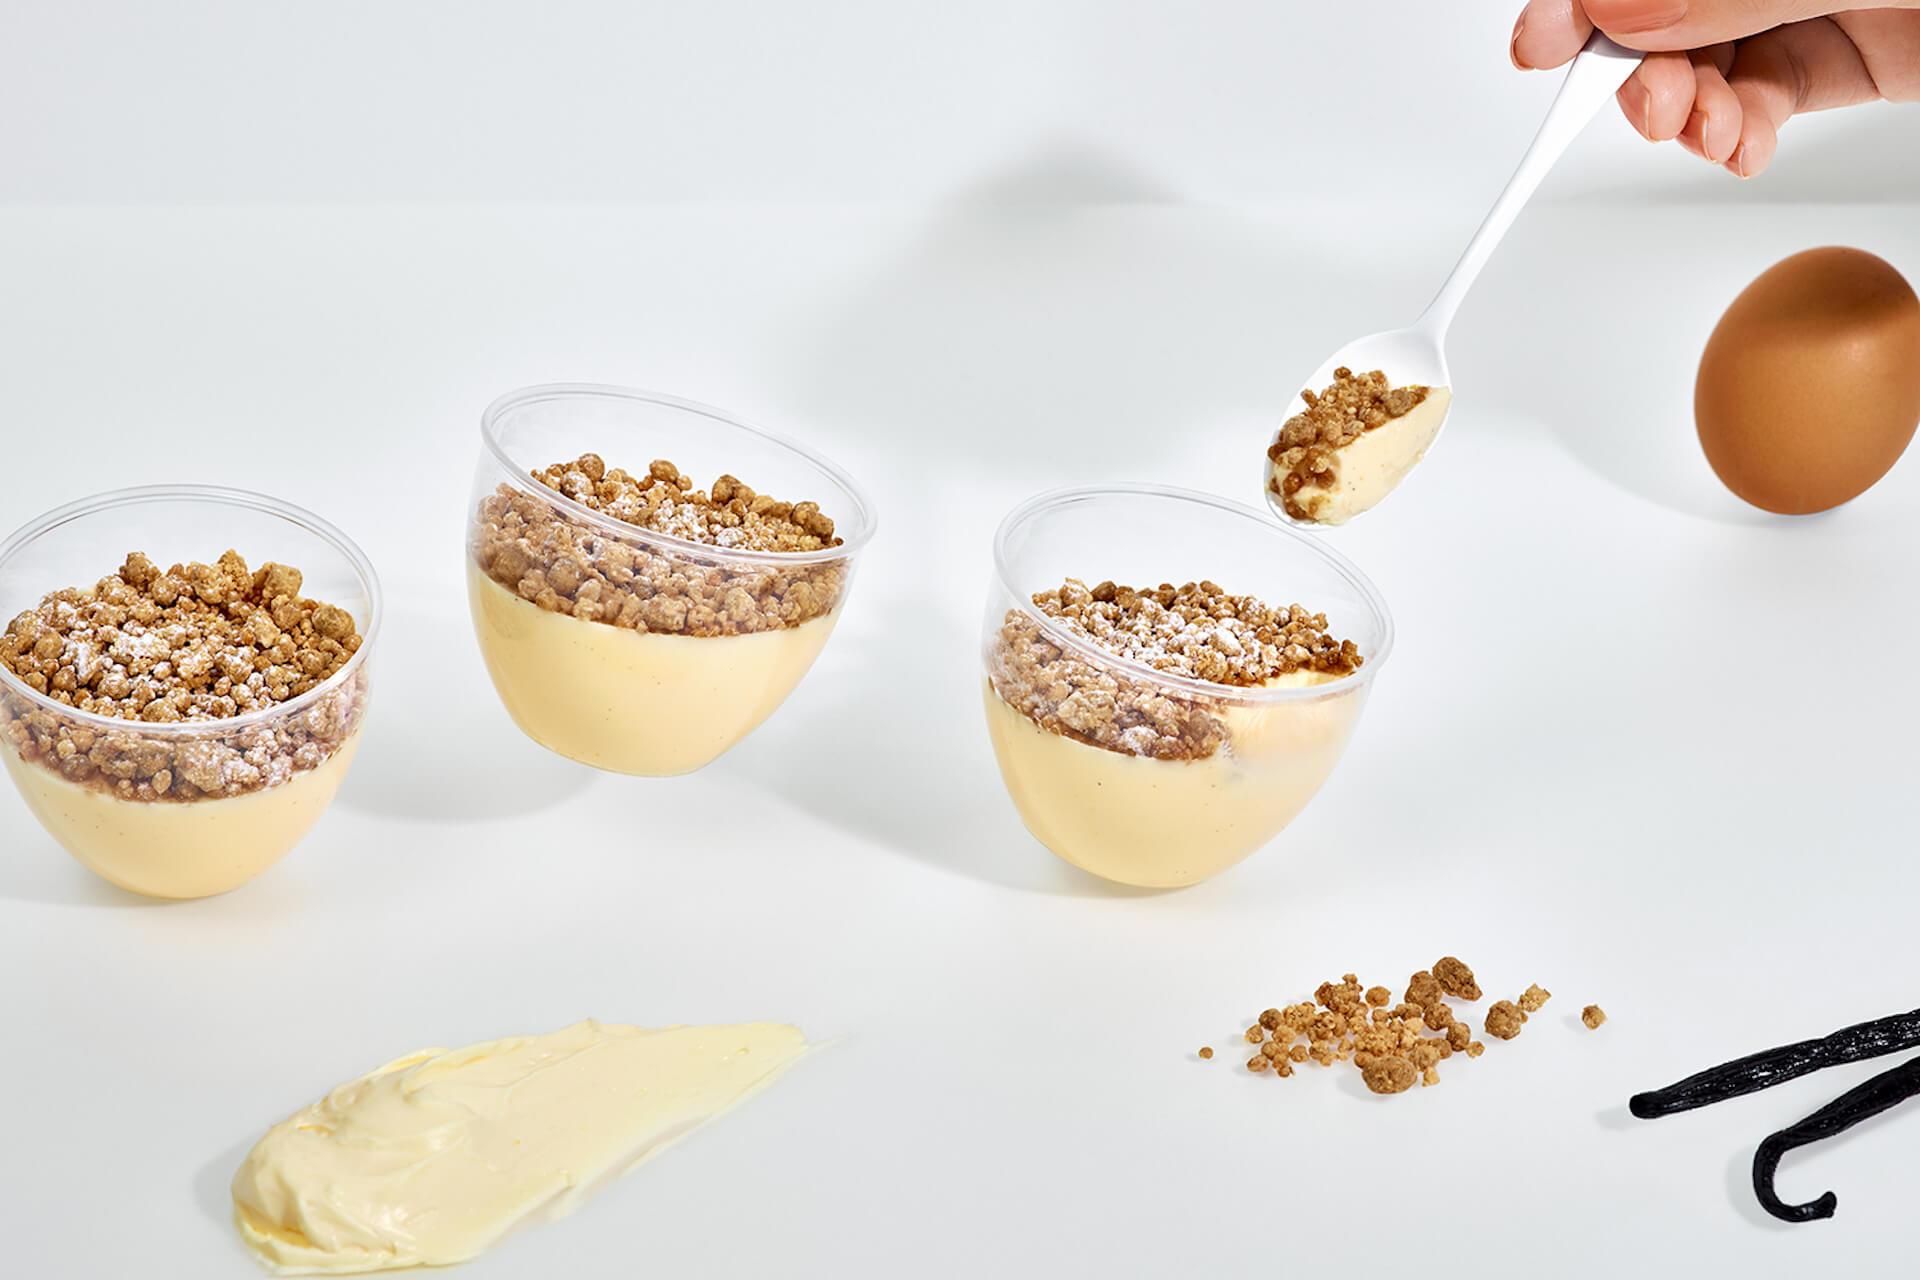 「チーズころん by BAKE CHEESE TART」のグランドオープン記念で新商品「ころんとチーズプリン」が発売決定!限定セットBOXも gourmet210628_bake_cheese_5